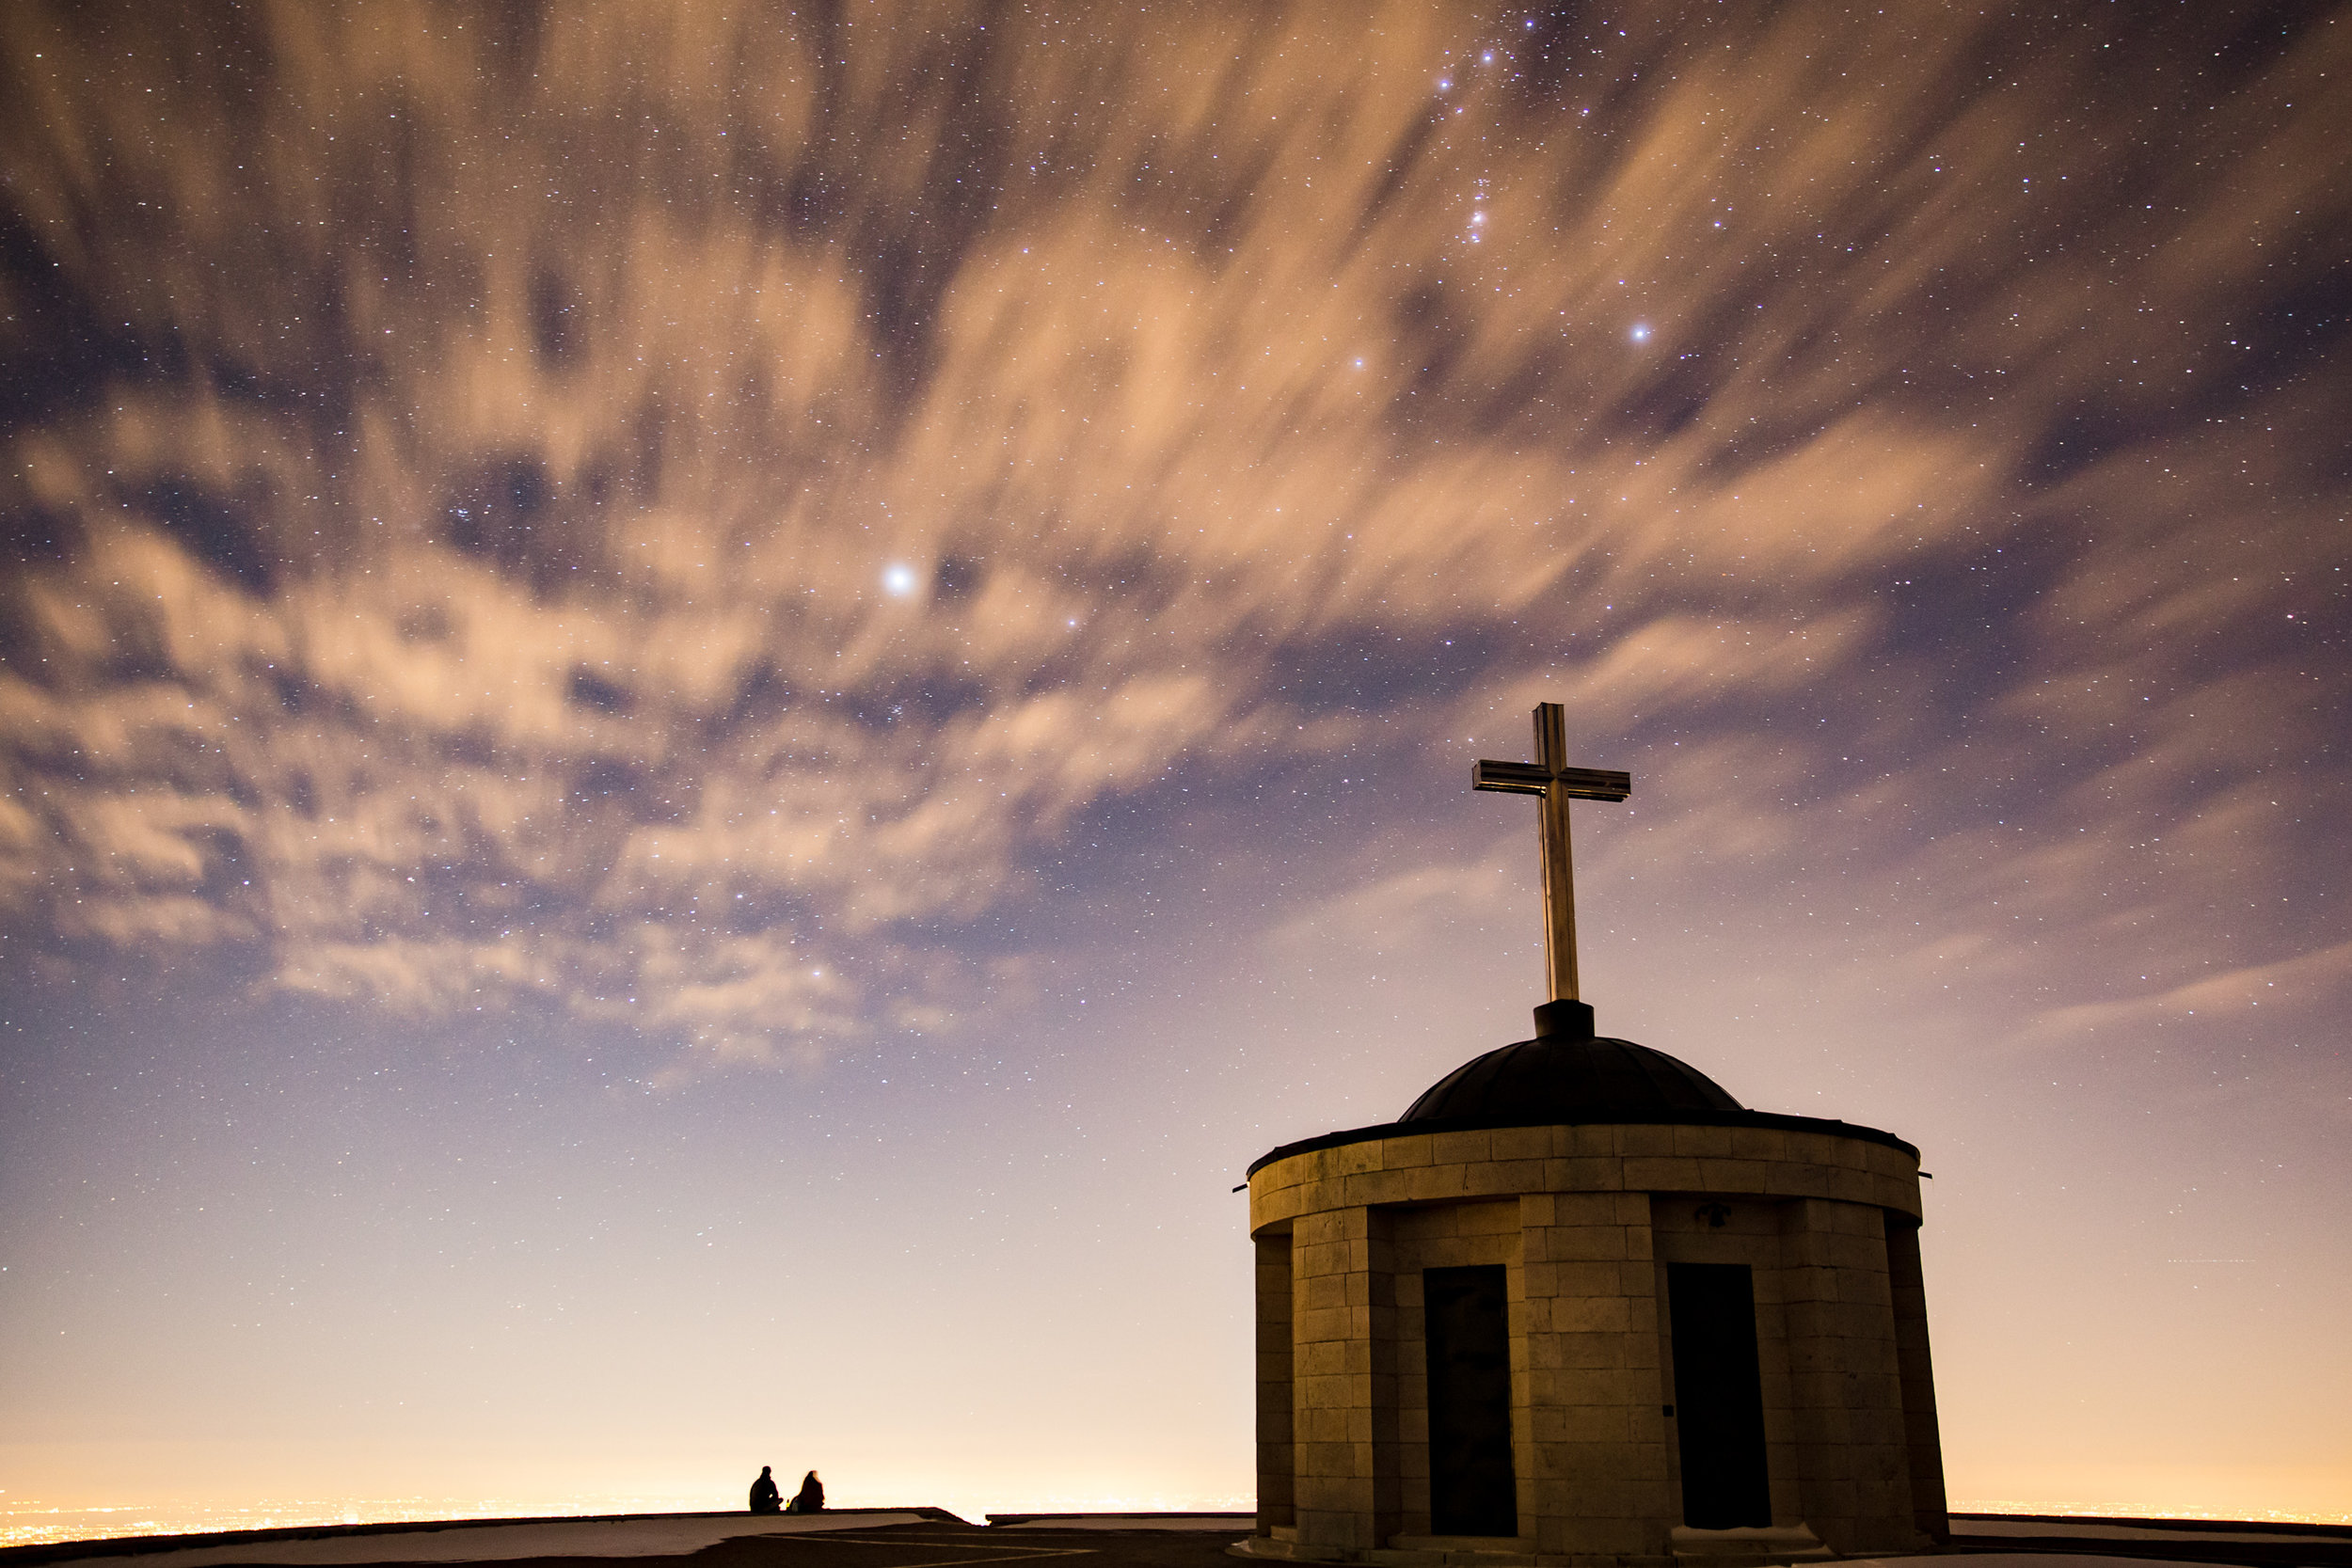 Release Me (Freely) - © 2015Genre: Soft RockTheme: Religious & Spiritual